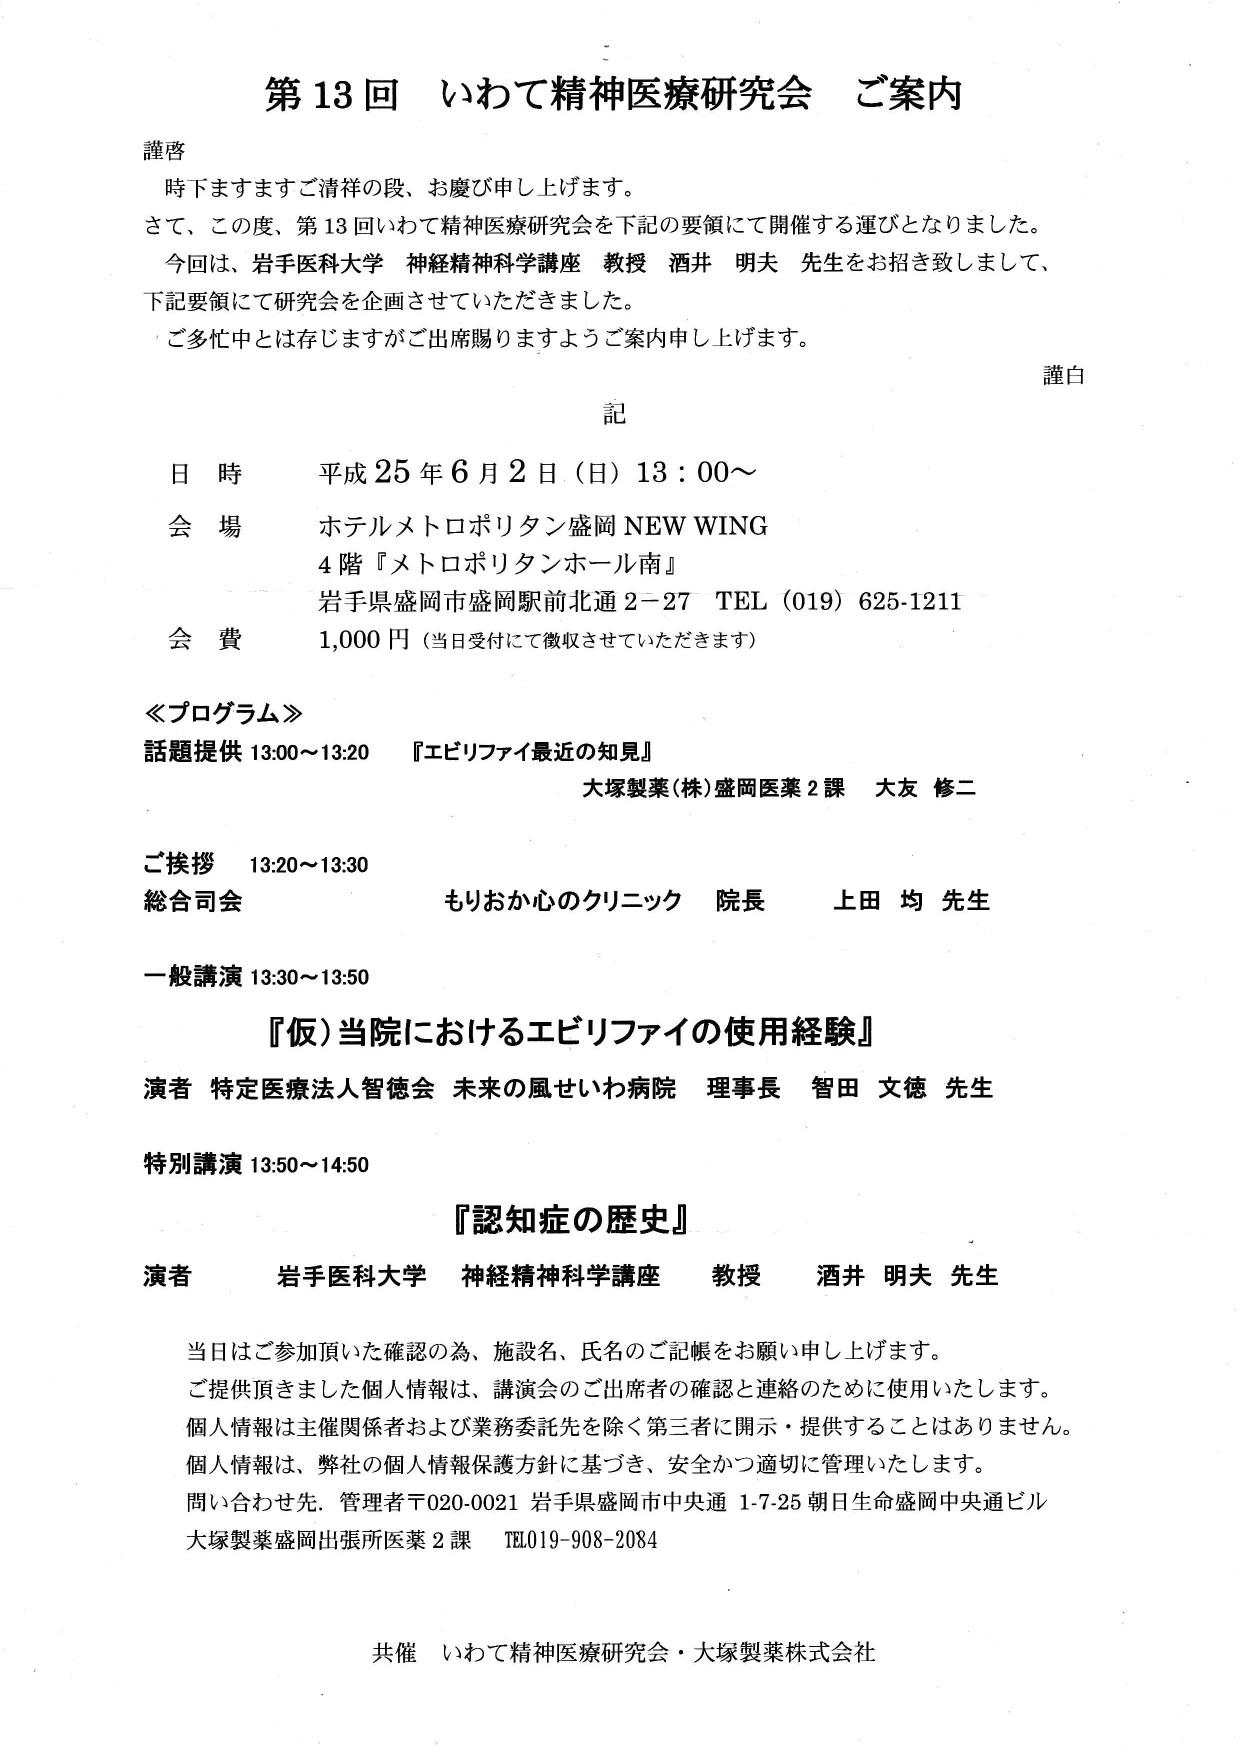 第13回いわて精神医療研究会 ご案内_a0103650_23132291.jpg